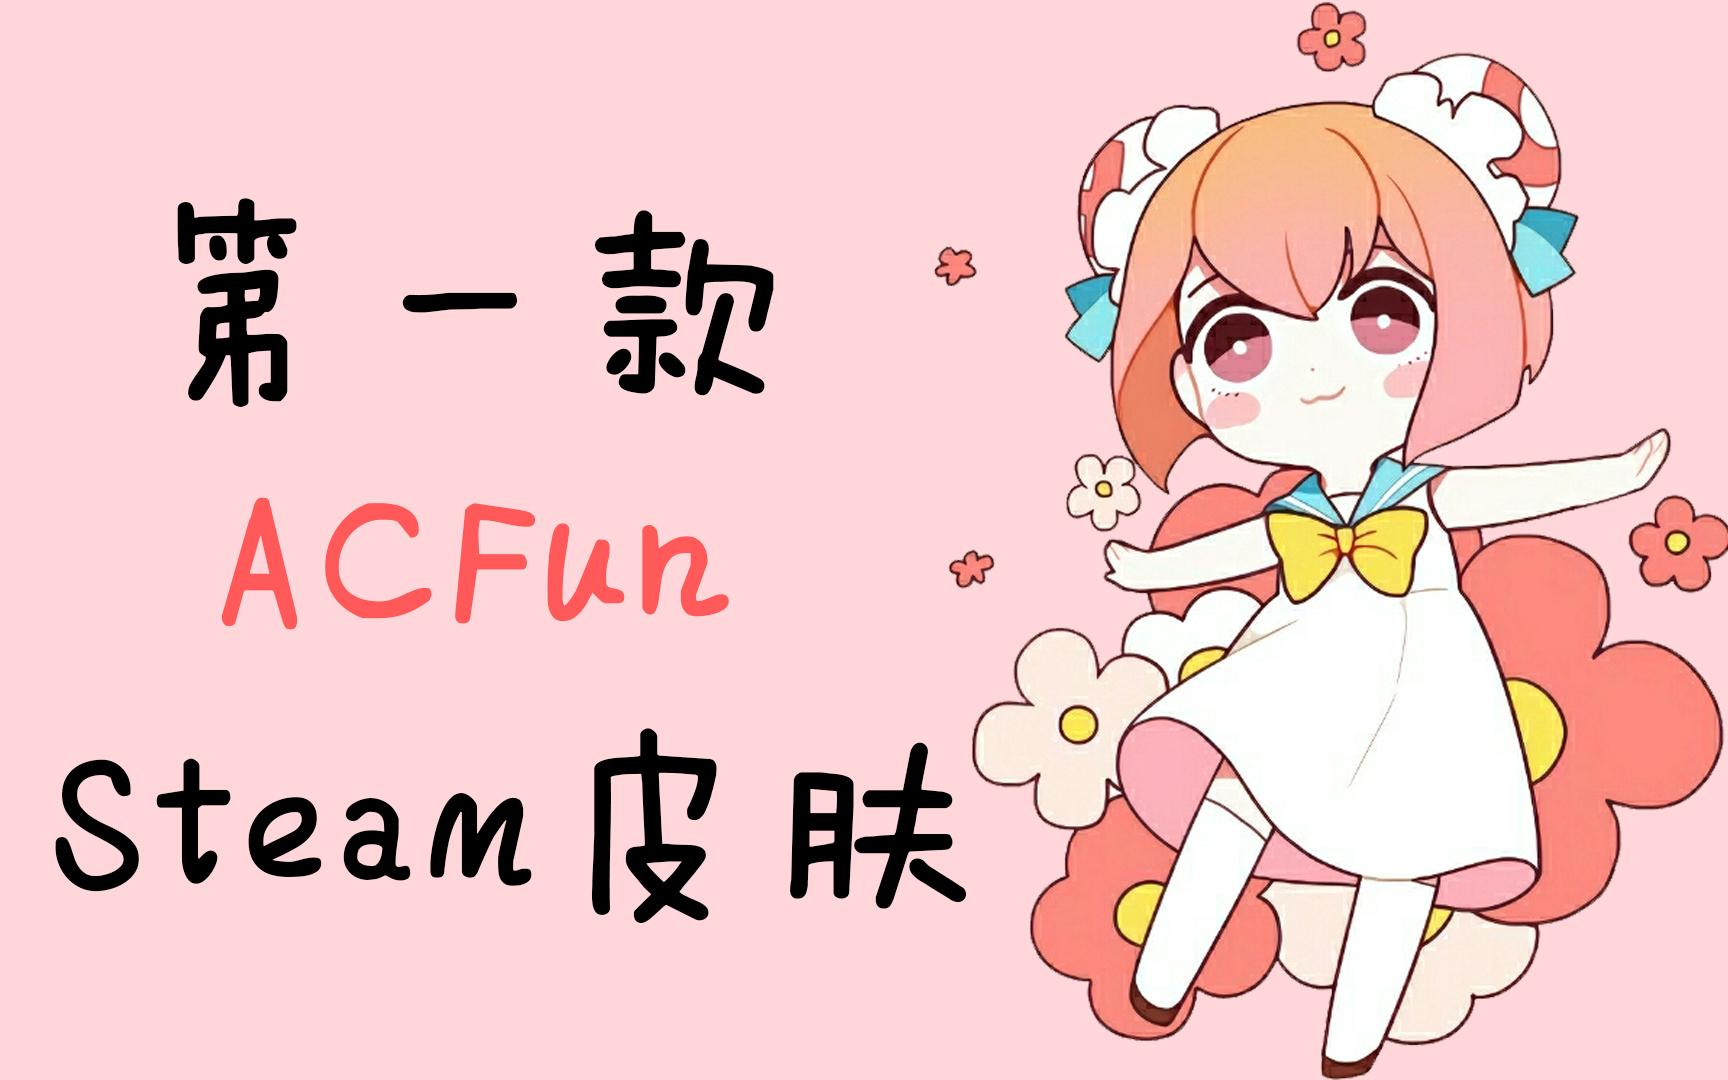 第一款属于ACFun的Steam皮肤发布啦